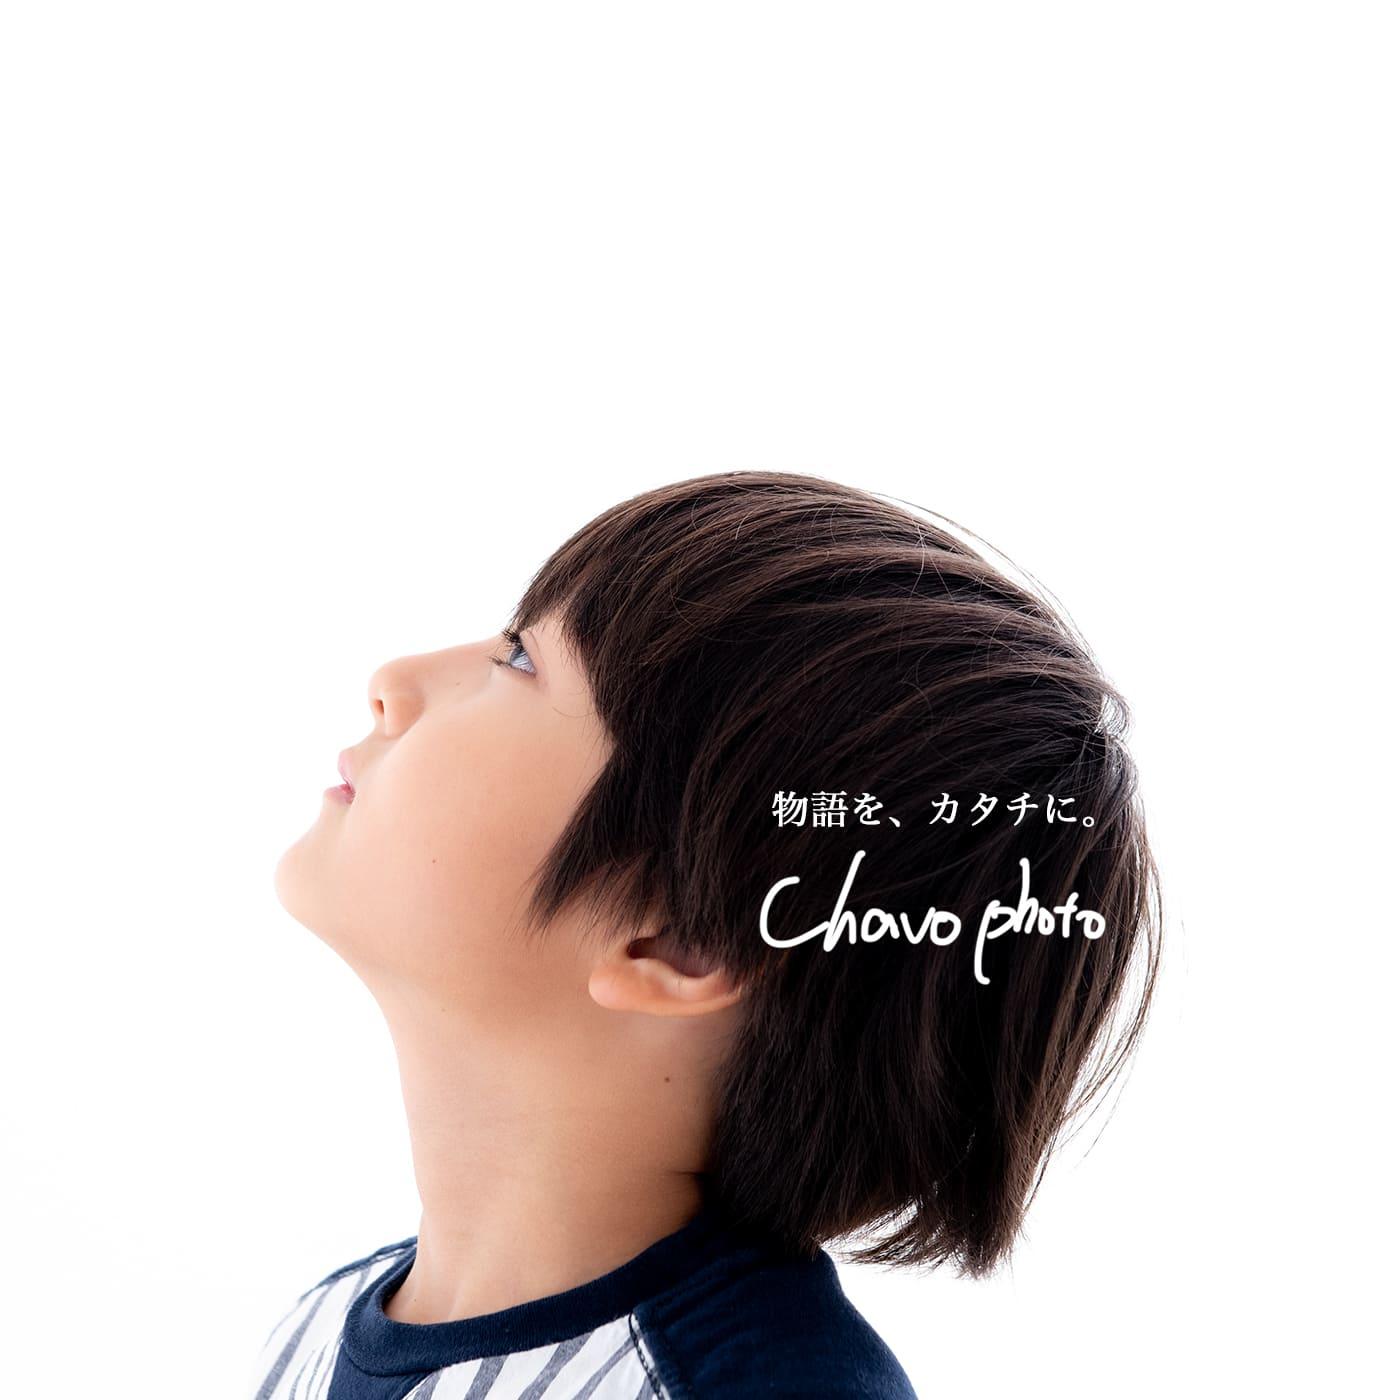 北九州市小倉写真館chavophoto|写真スタジオ・七五三・成人式・お宮参り・赤ちゃん・子ども